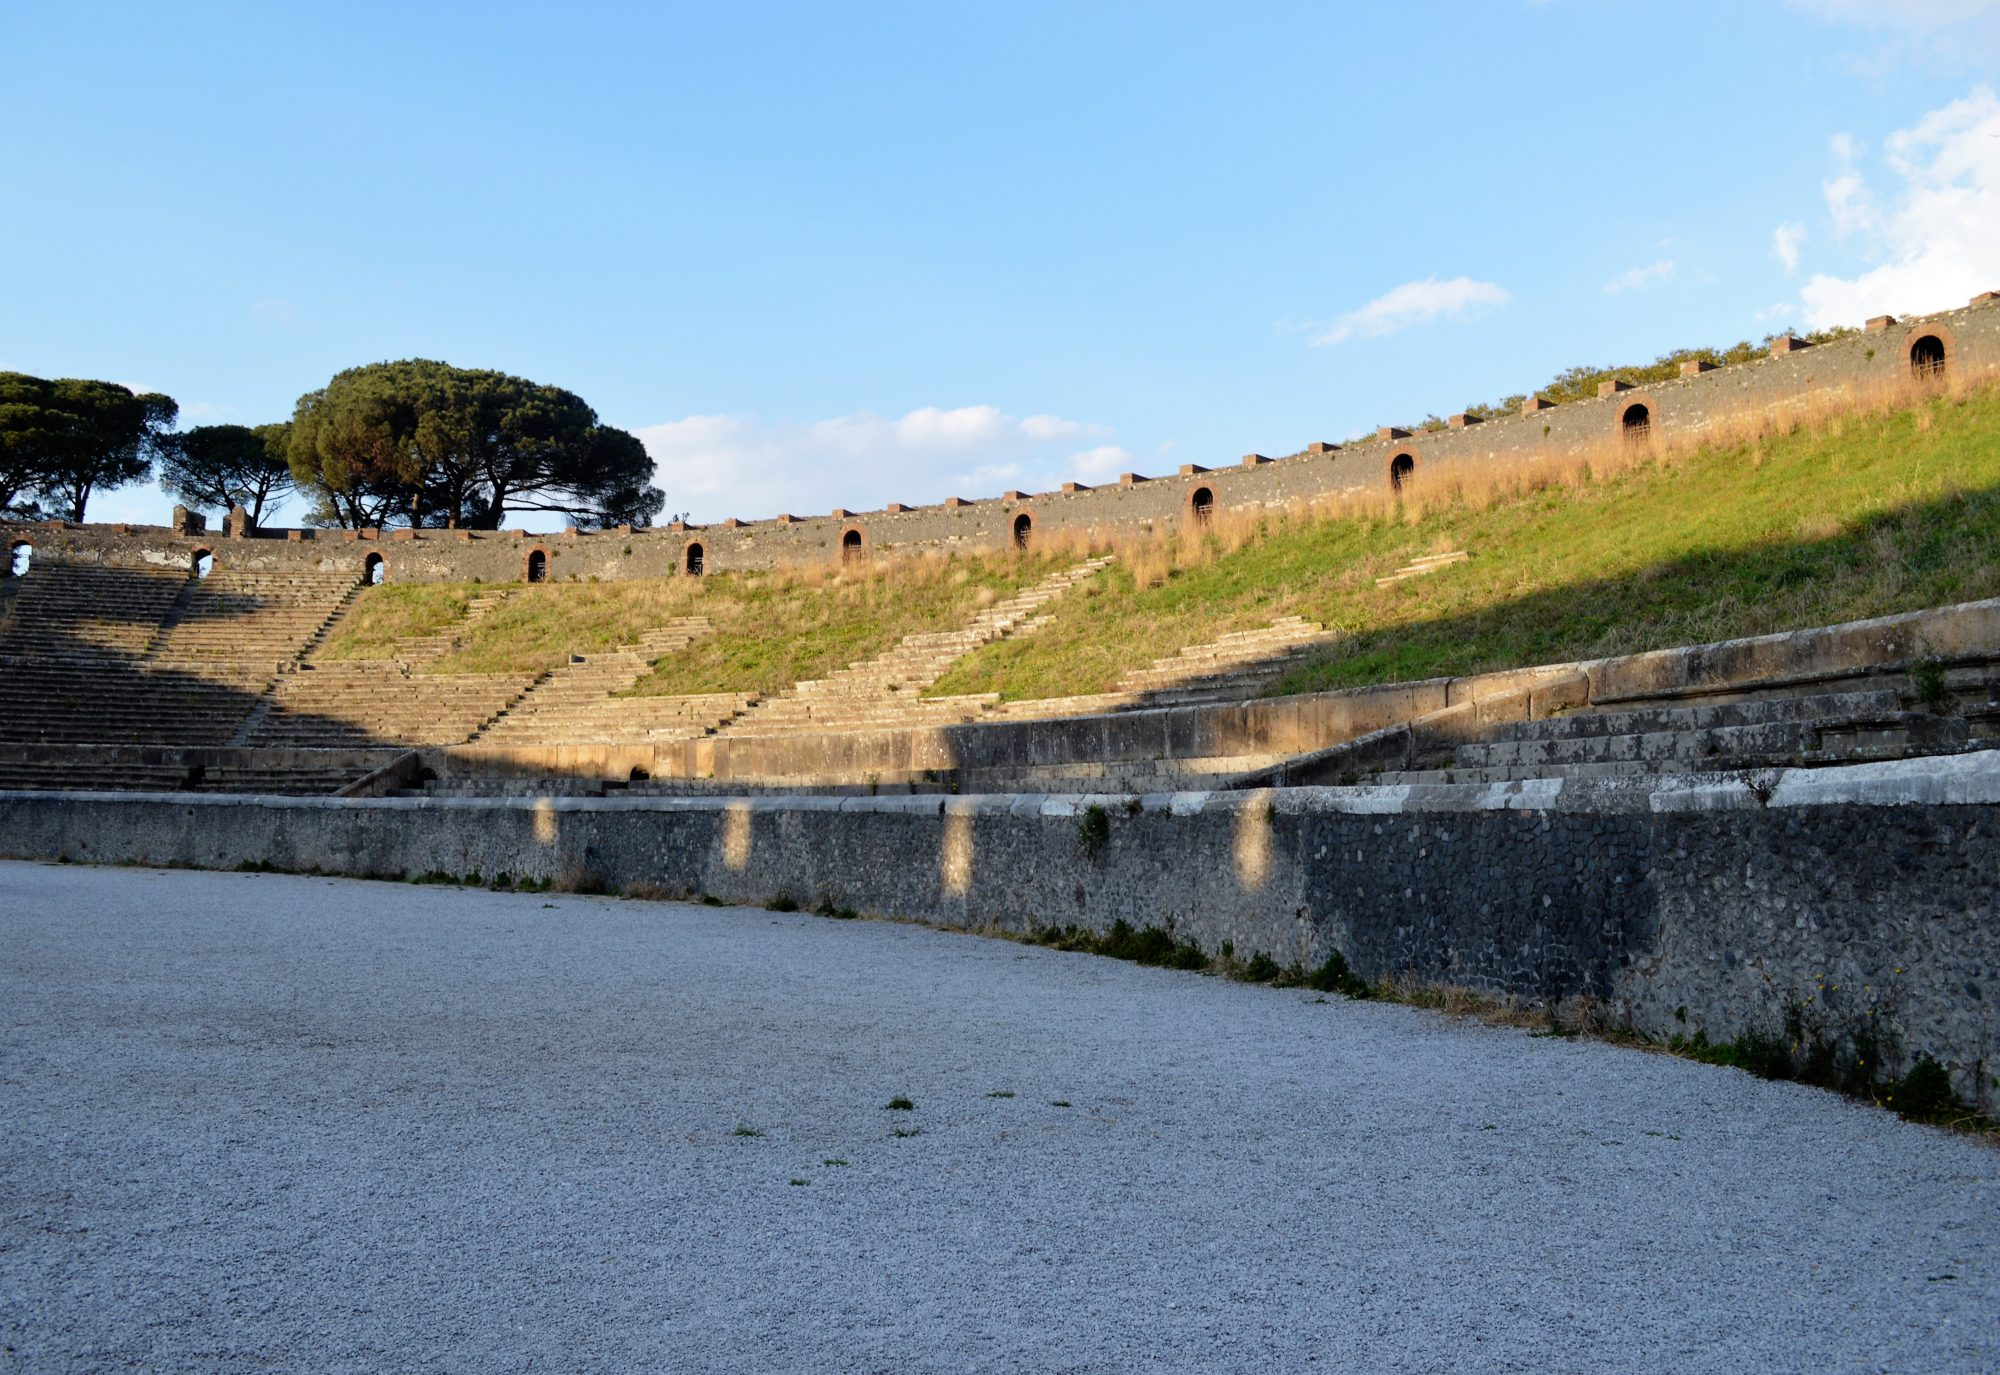 pompeii-amphitheatre